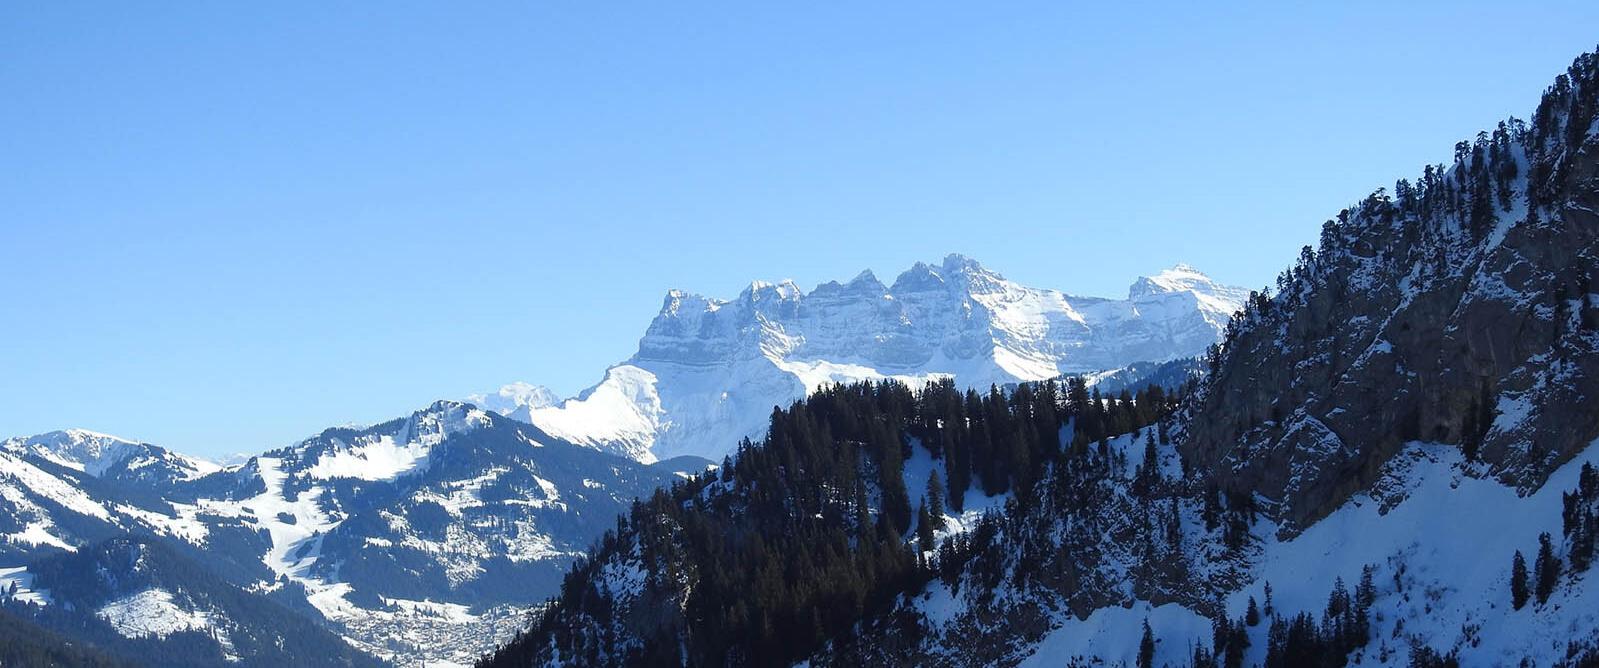 Photo des dents du midi avec hiver sous un ciel bleu